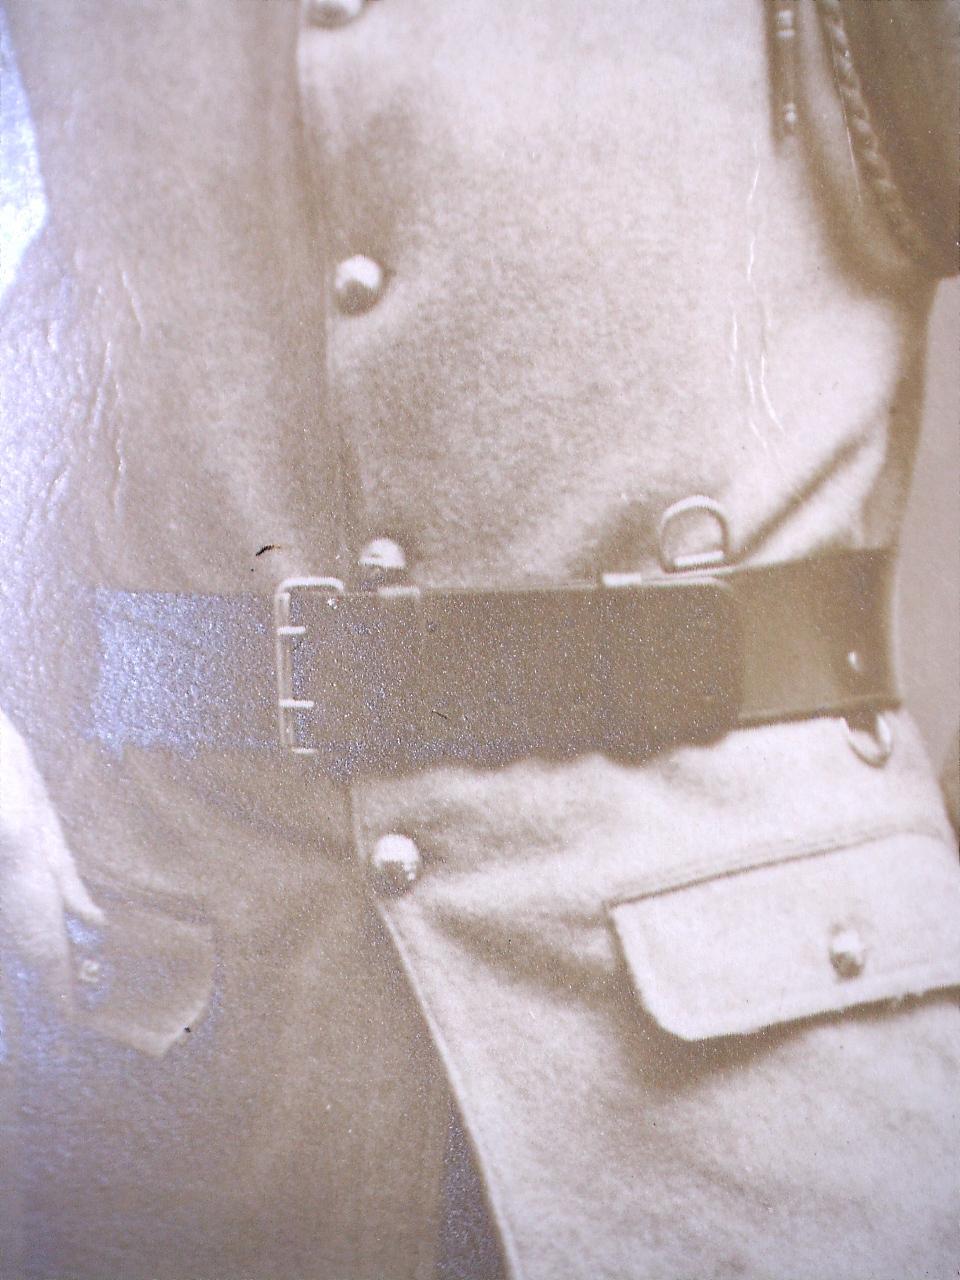 À identifier soldat fourragère avec insigne tête de loup ou chien, bottes lacées - Page 2 20441110